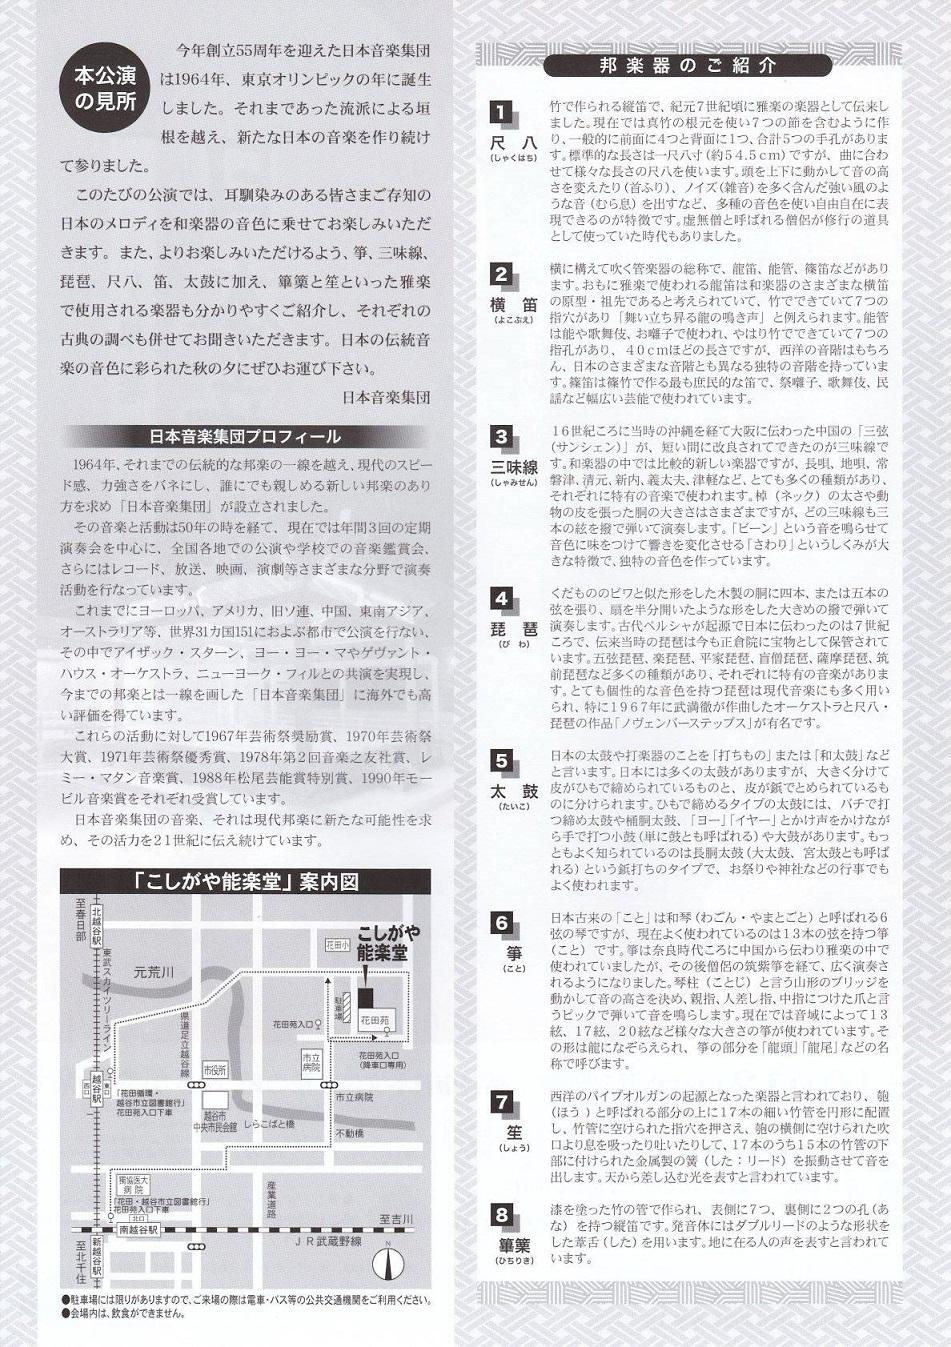 集団こしがや能楽堂裏20191013 - コピー